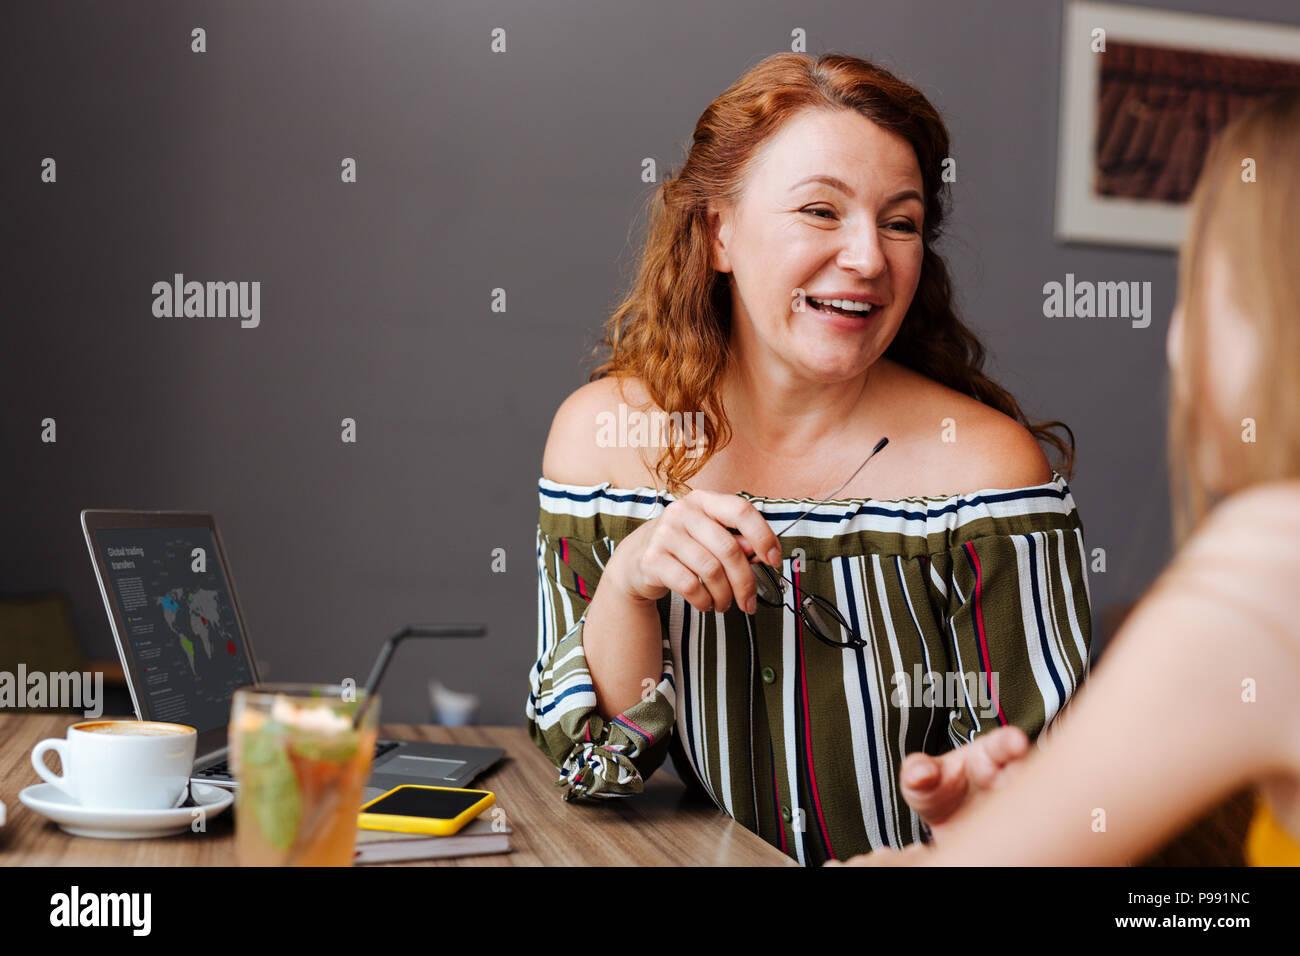 Modische Frau stilvolle offene schulter bluse Stockbild